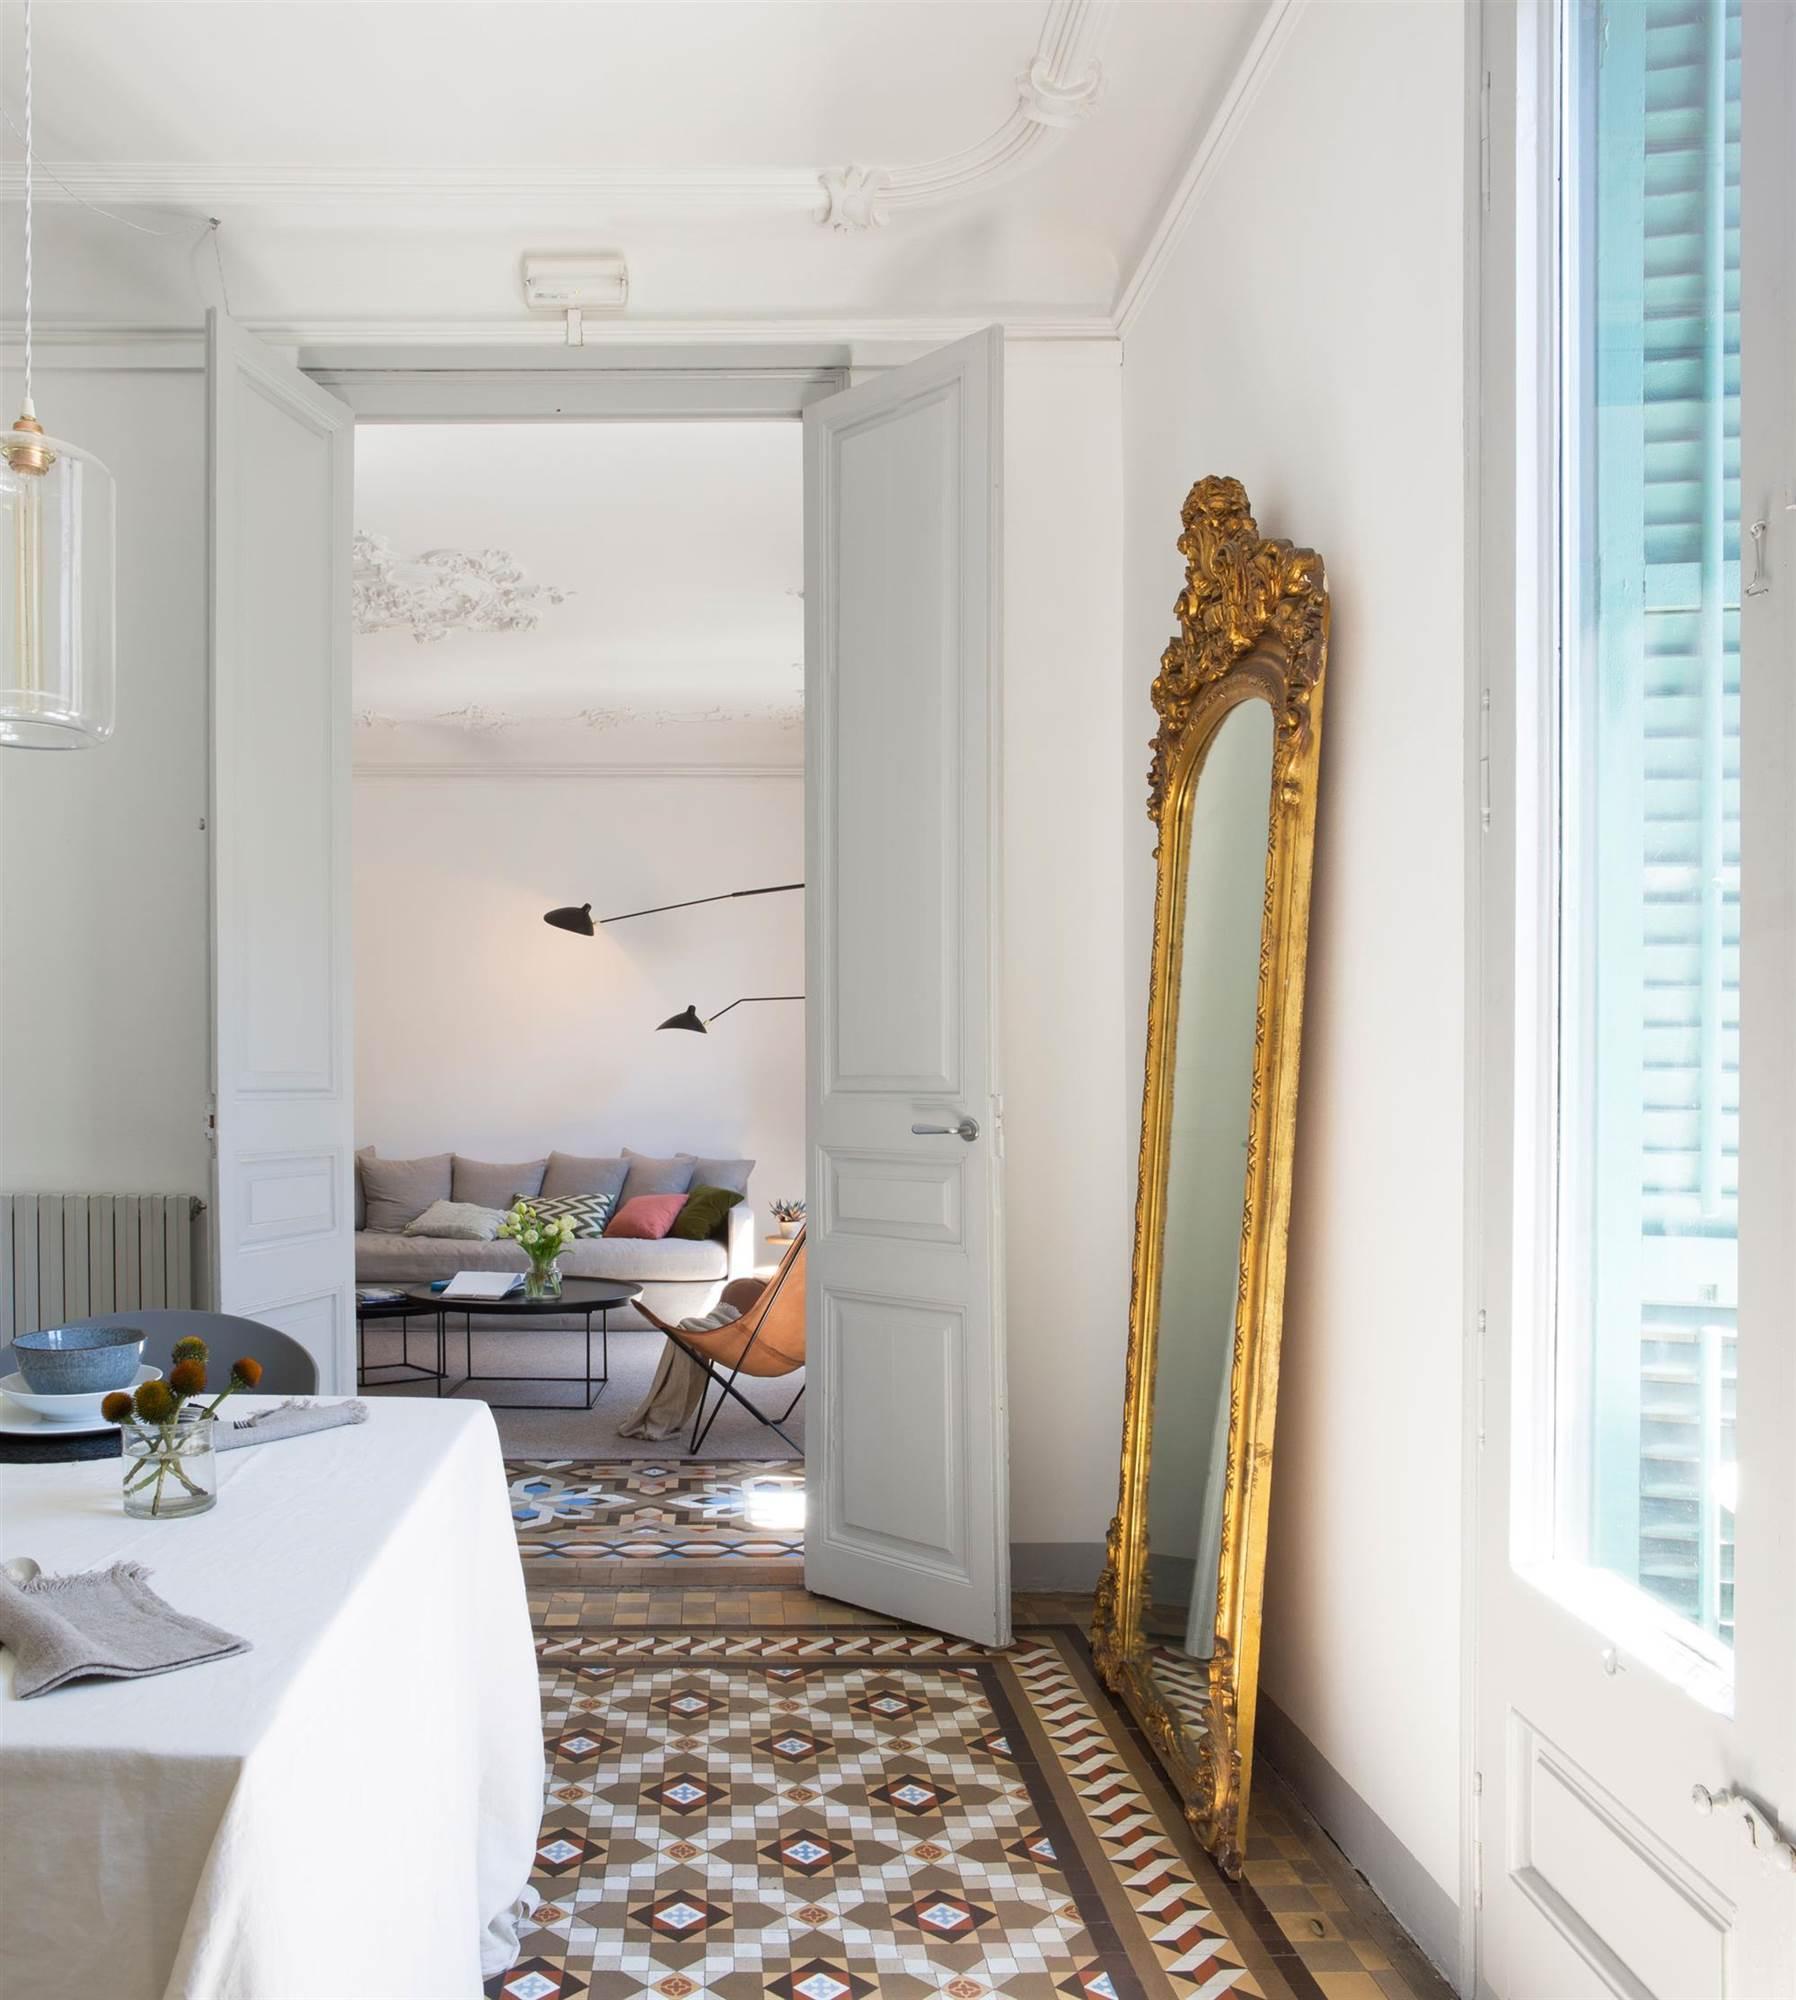 Los 30 mejores trucos para decorar tu casa seg n la for Los mejores espejos decorativos